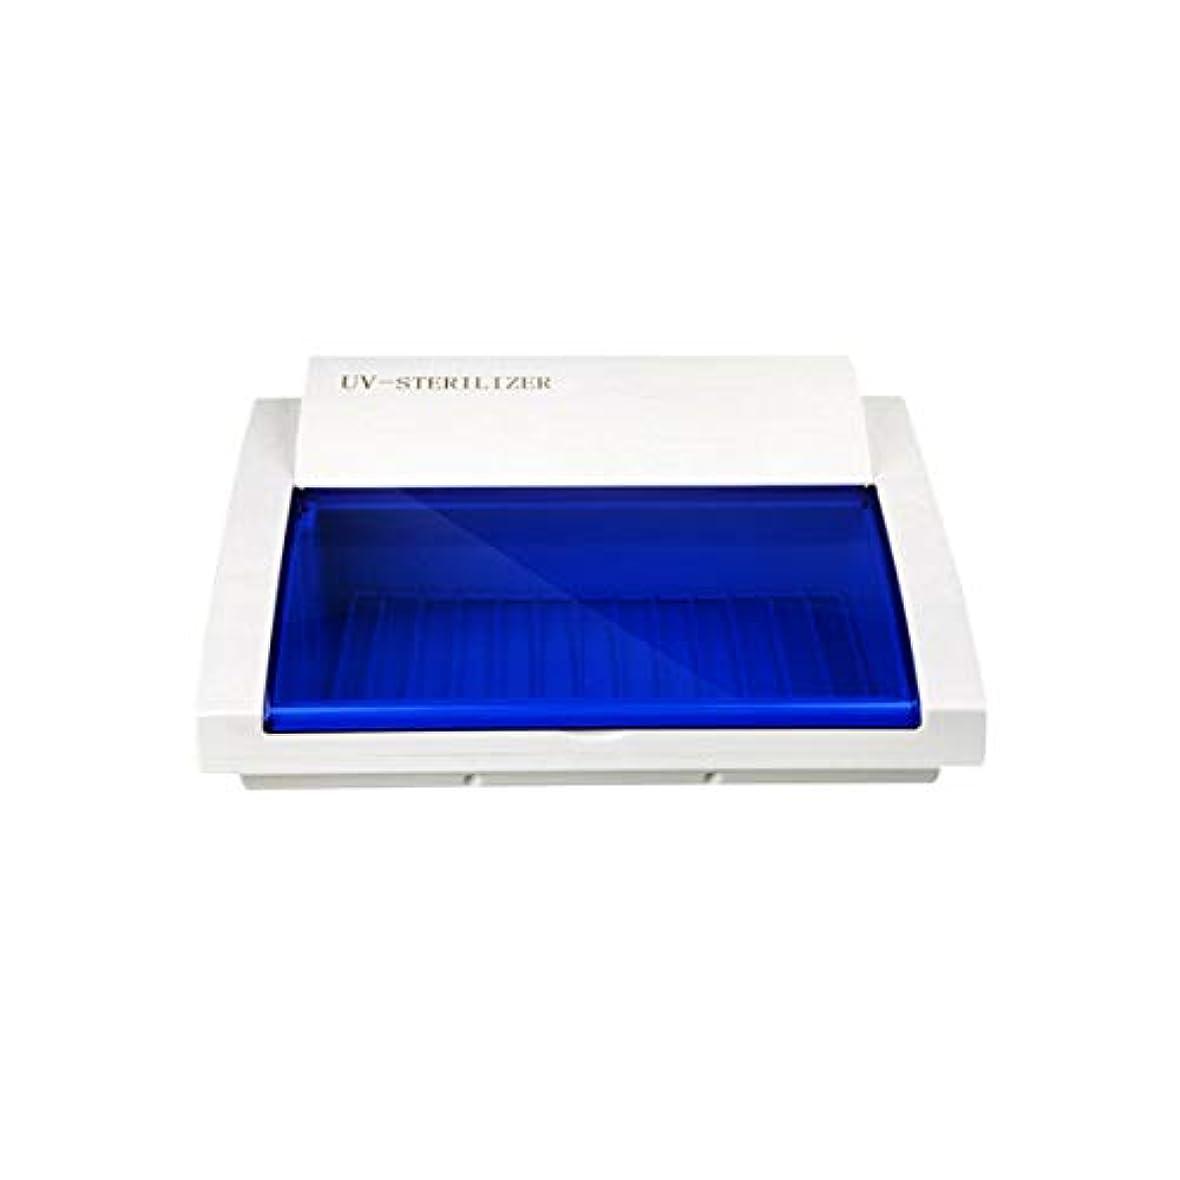 承認素朴なドライIntercoreyポータブルサイズUV滅菌ネイルマニキュアツール消毒キャビネットボックス滅菌装置ハイテクオゾンUV保護